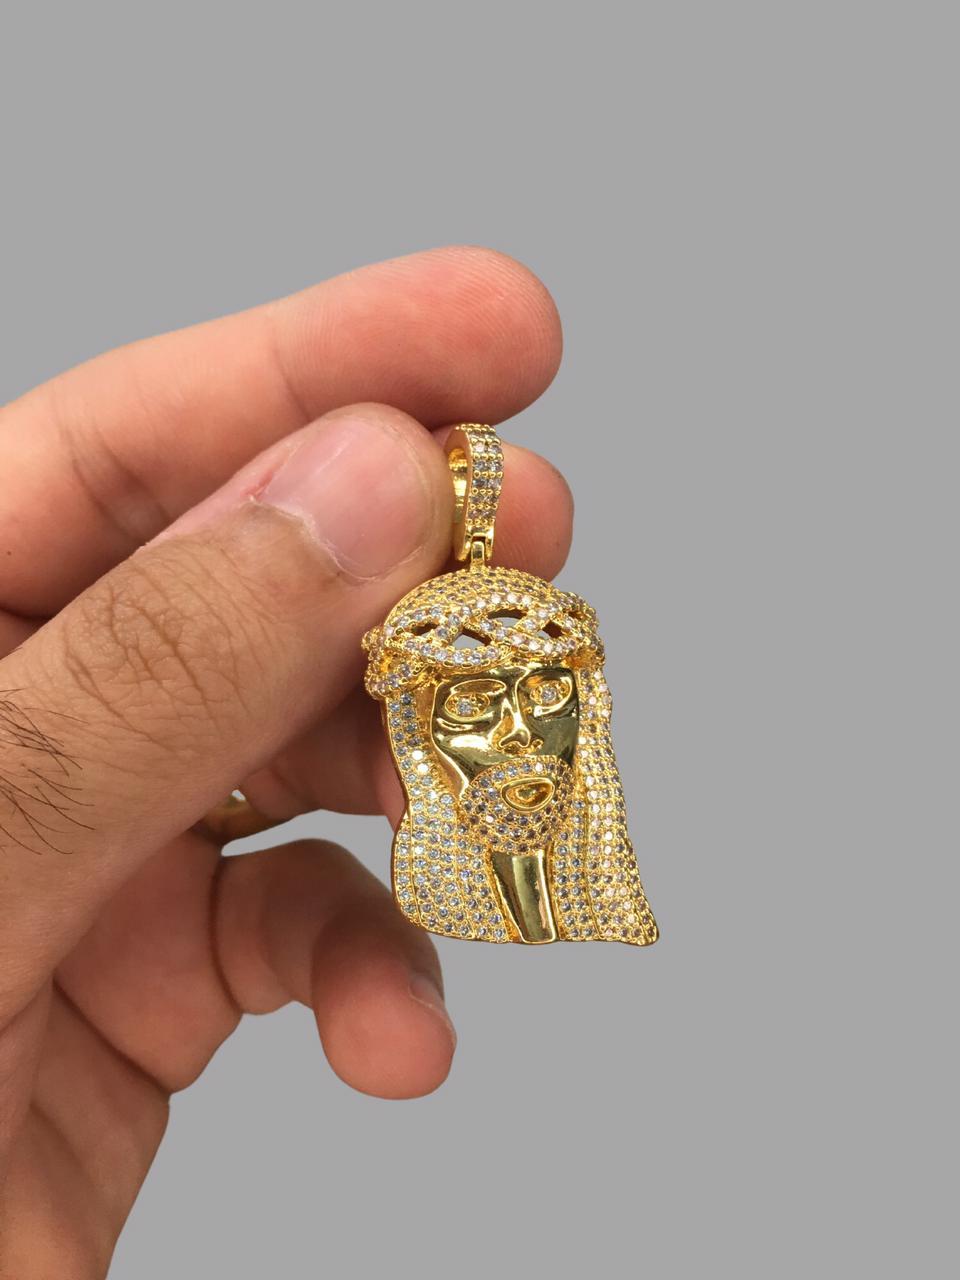 Pingente Jesus Cristo cravejado de zircônia  banhado a ouro 18k